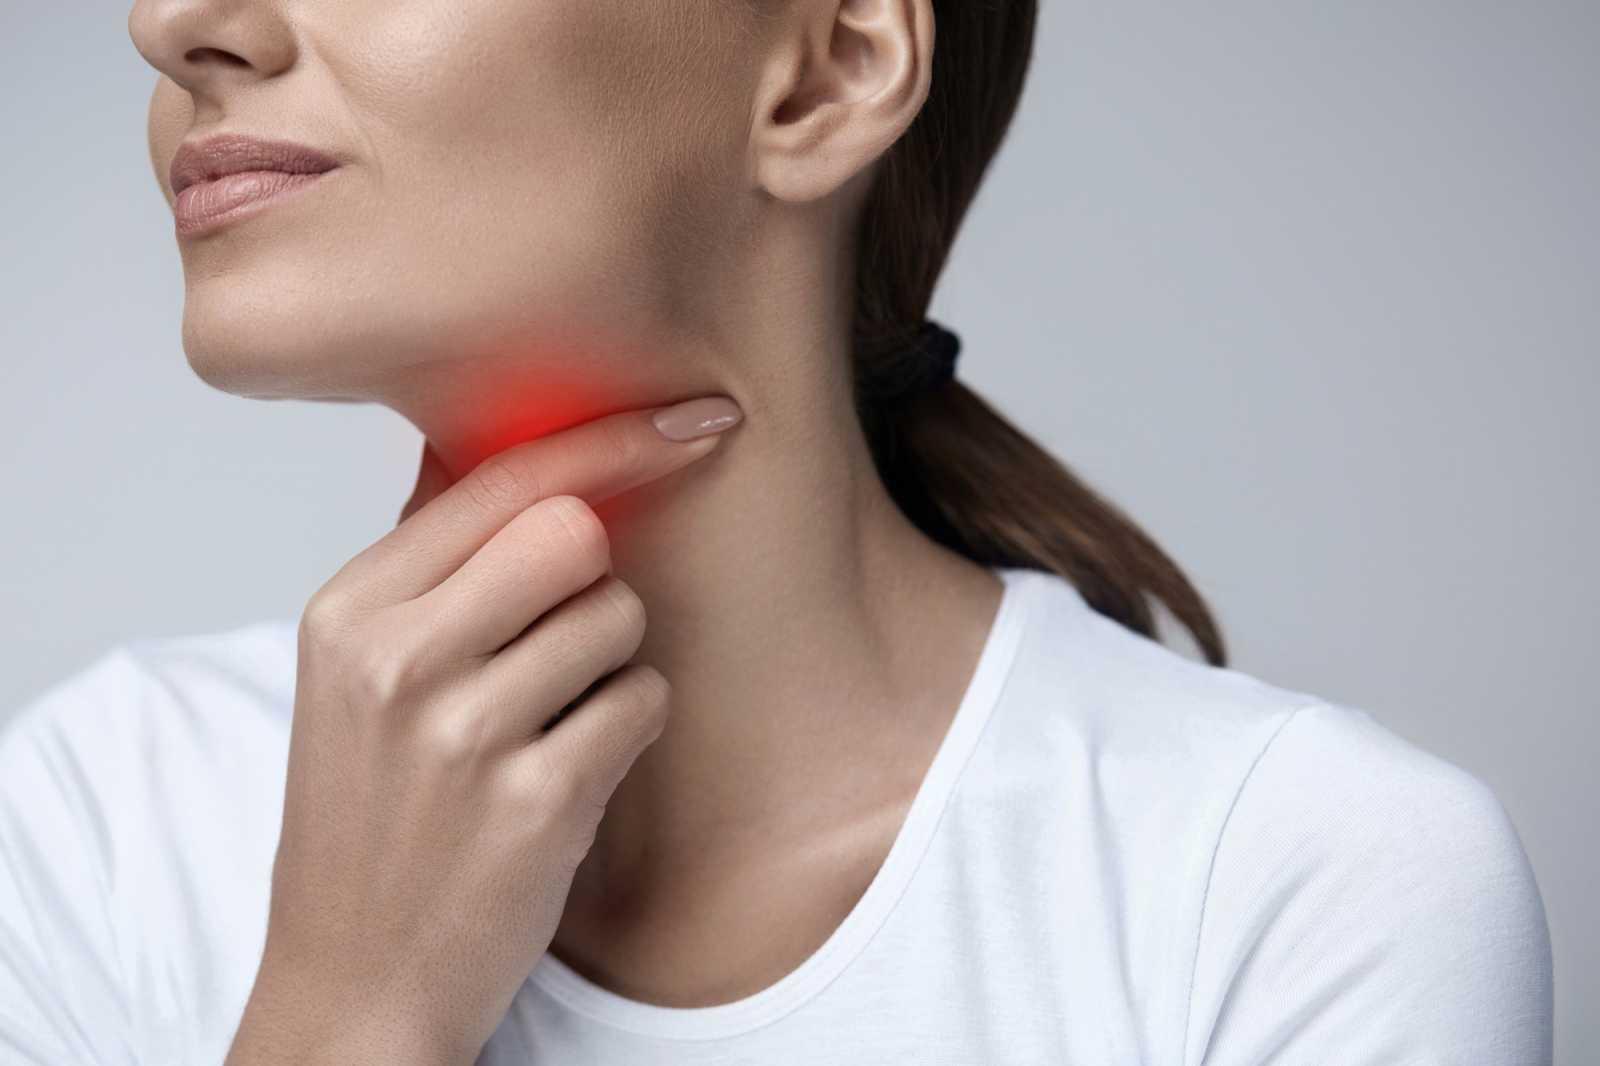 Πρησμένες αμυγδαλές: Αίτια, συμπτώματα, αντιμετώπιση